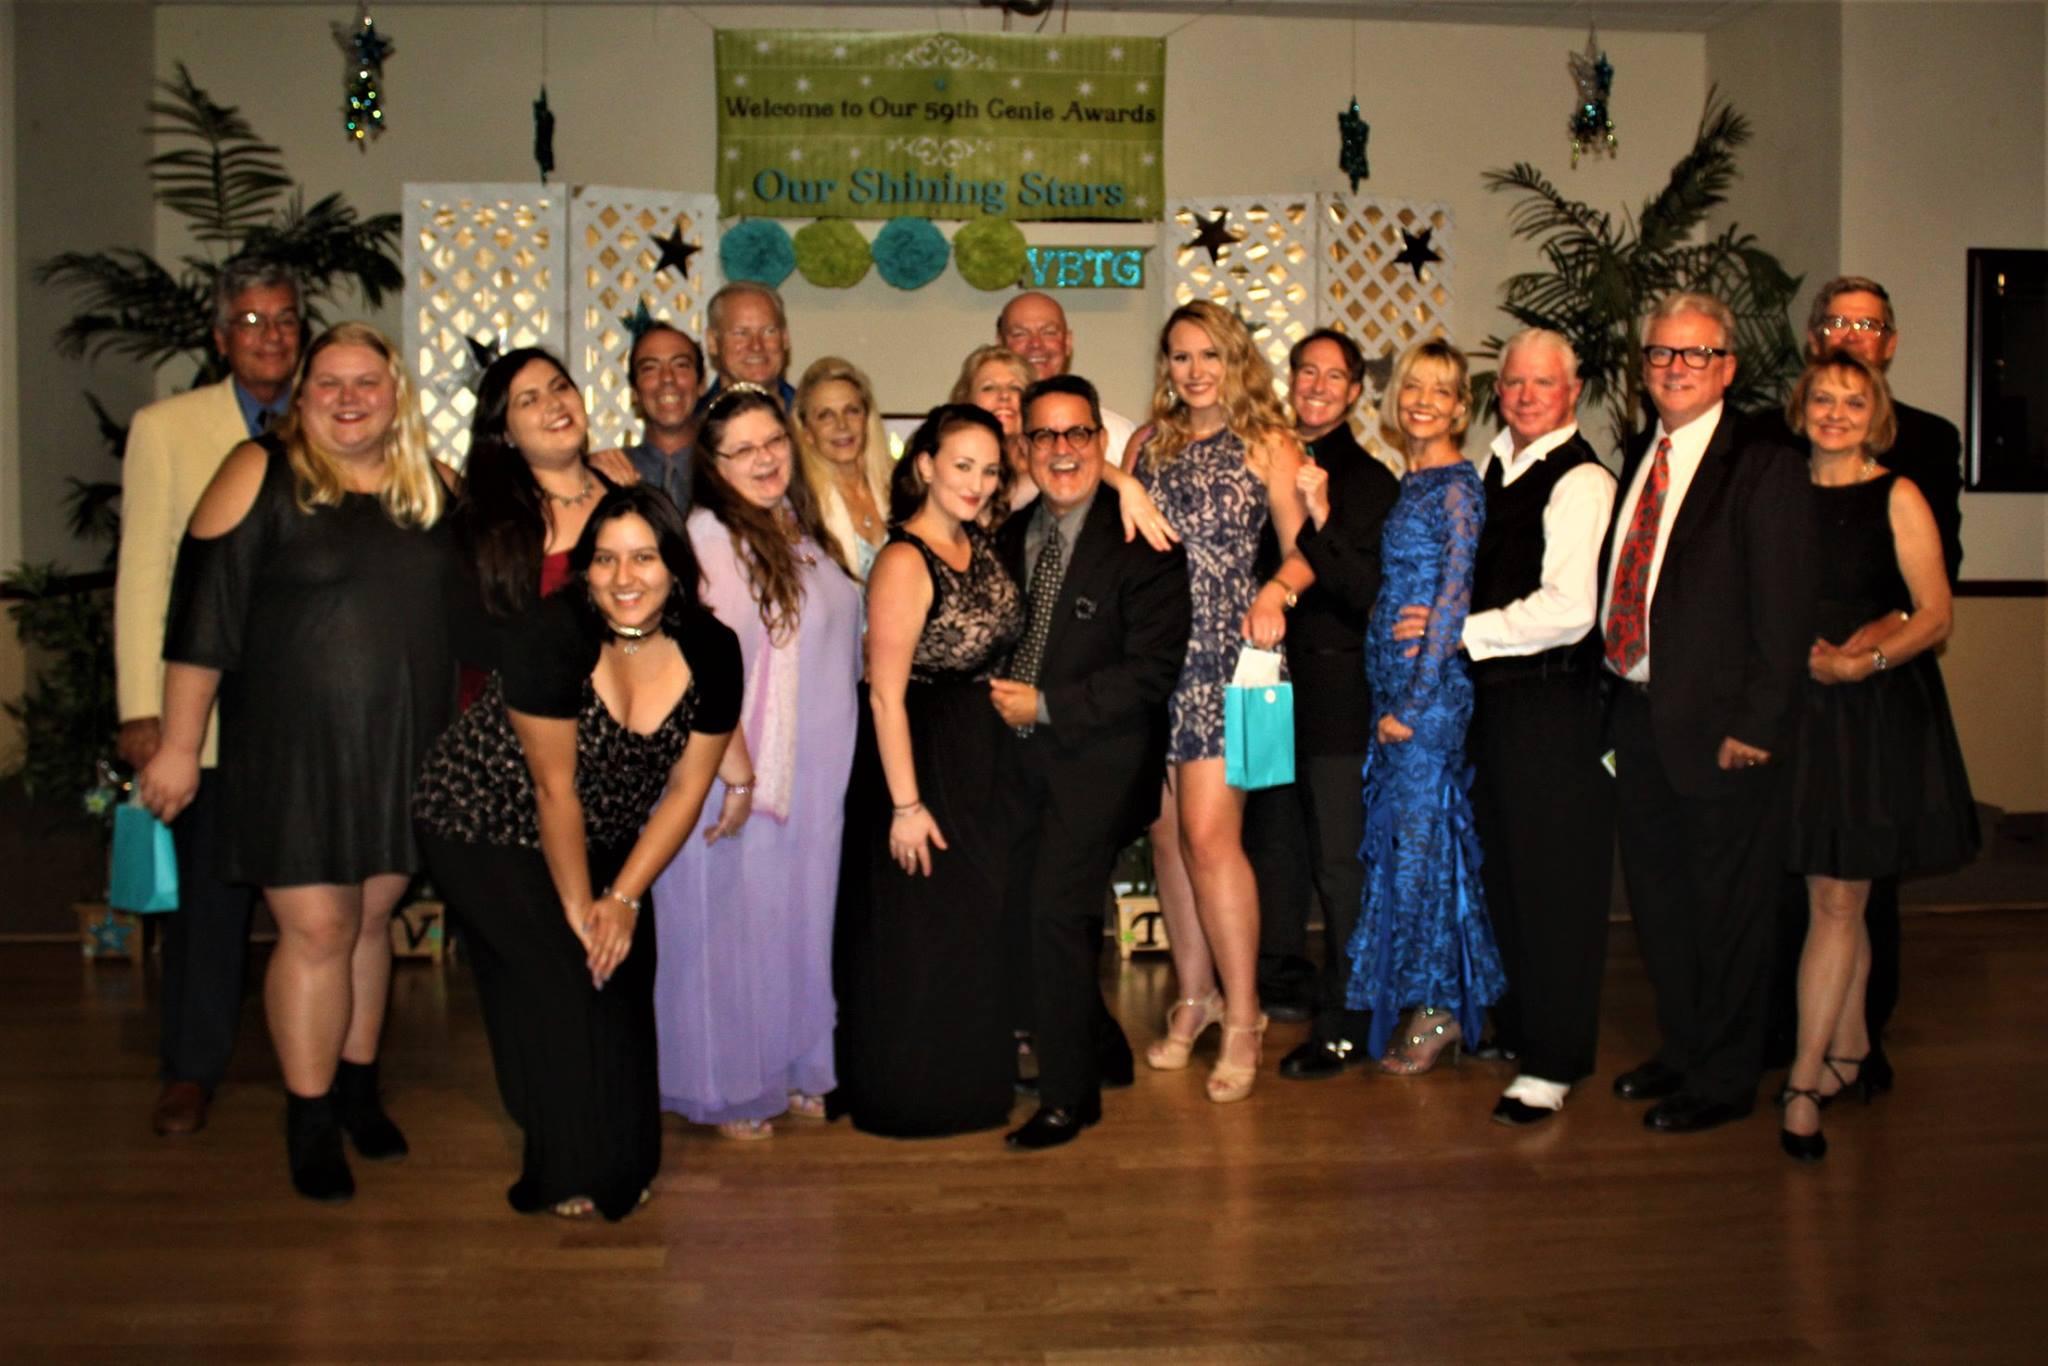 2016-17 Genie Awards